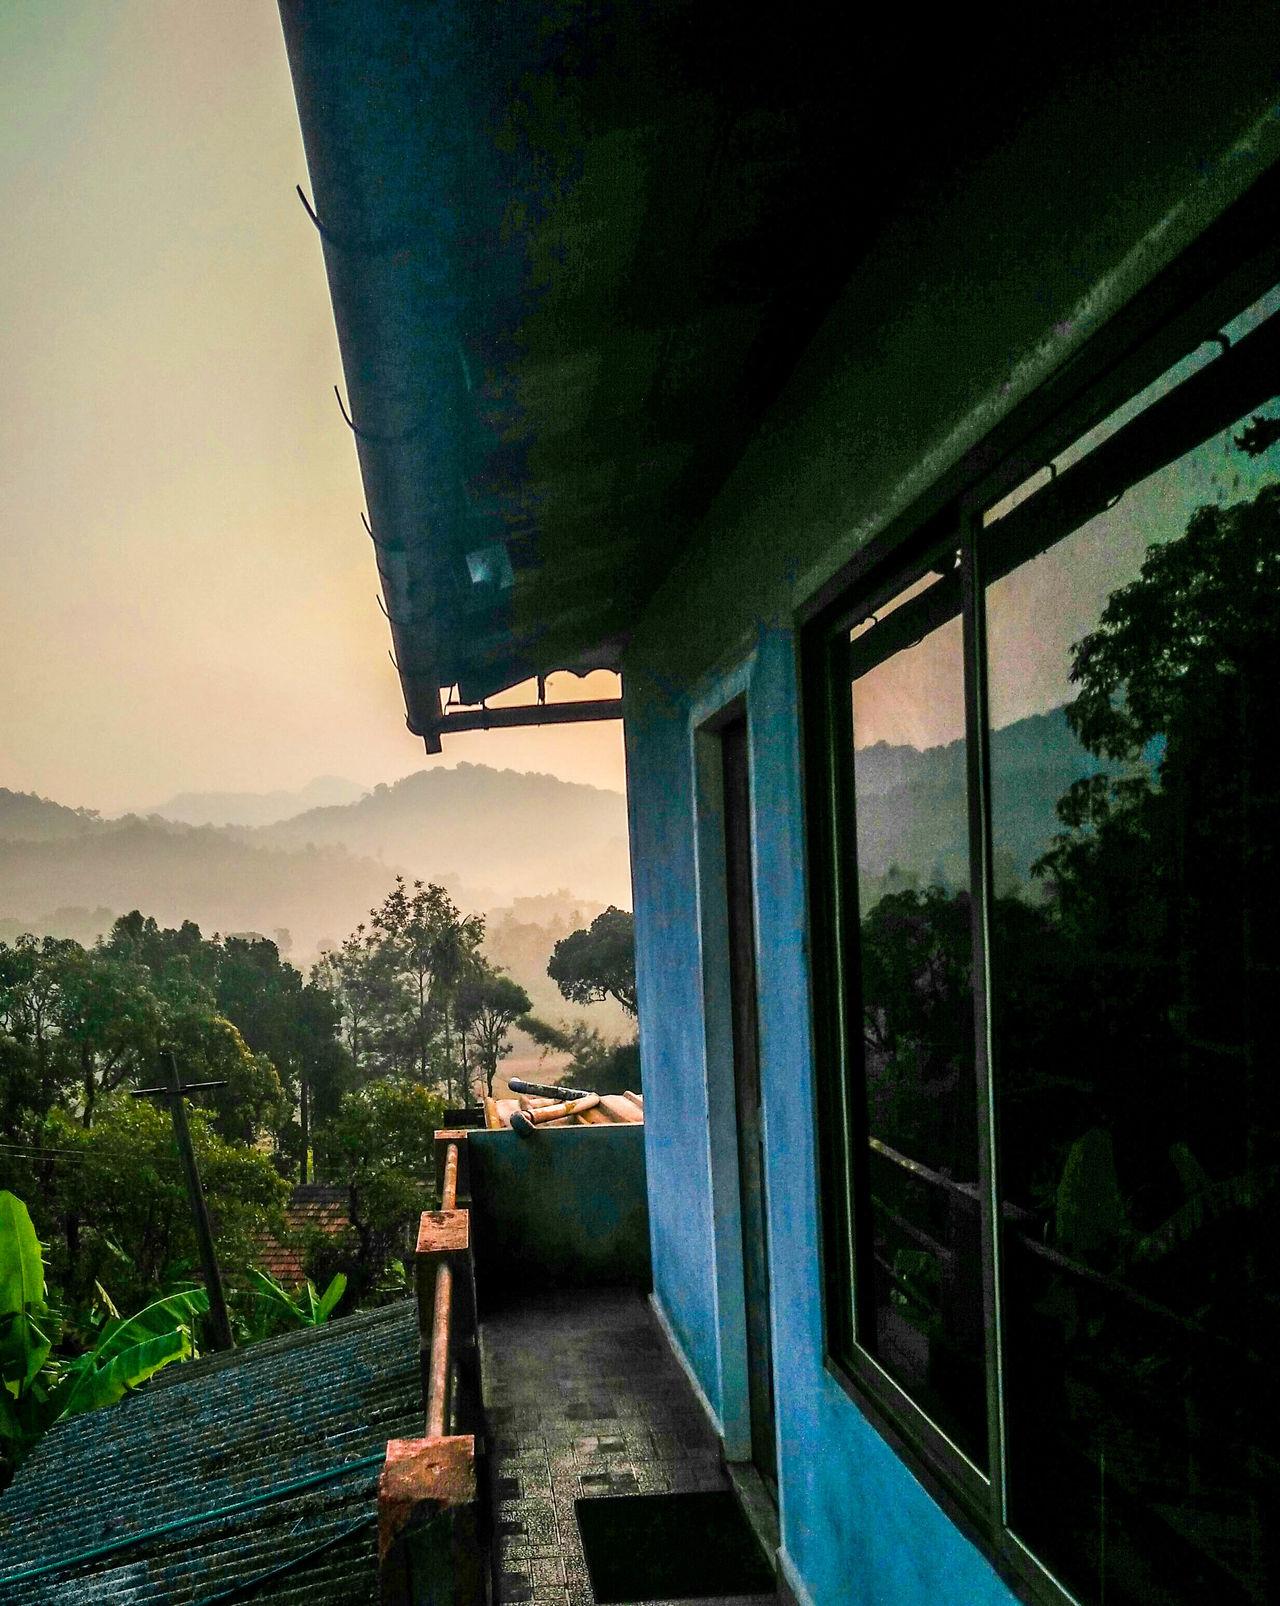 Bliss Hills Hillside Morning Mornings Mountain Solace Sunrise Travel